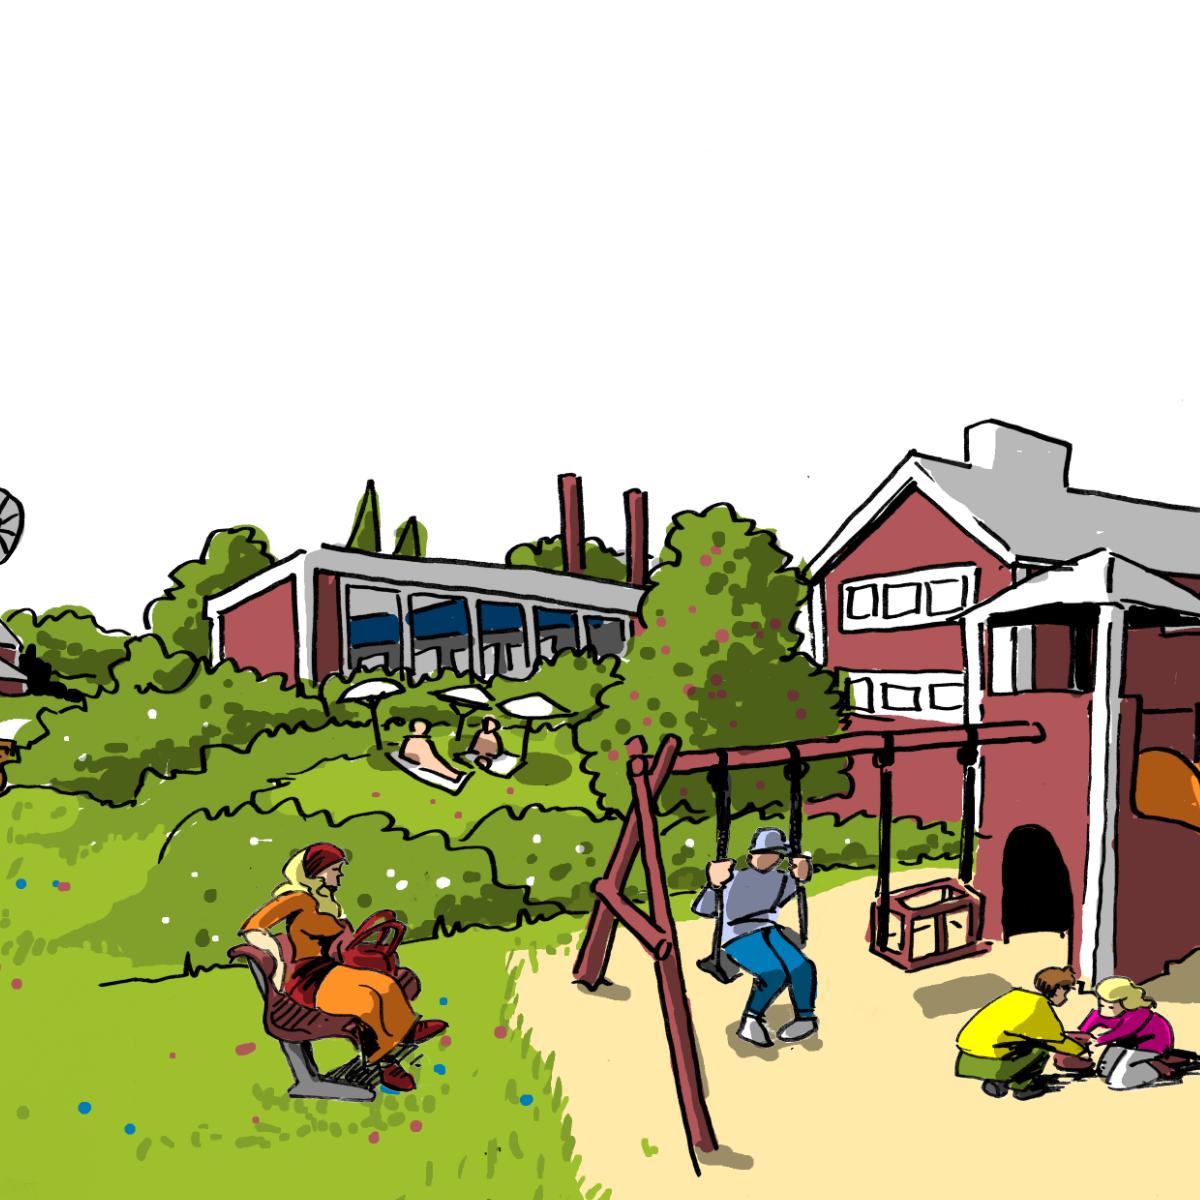 09-architecture-visual-village-autzeit.jpg